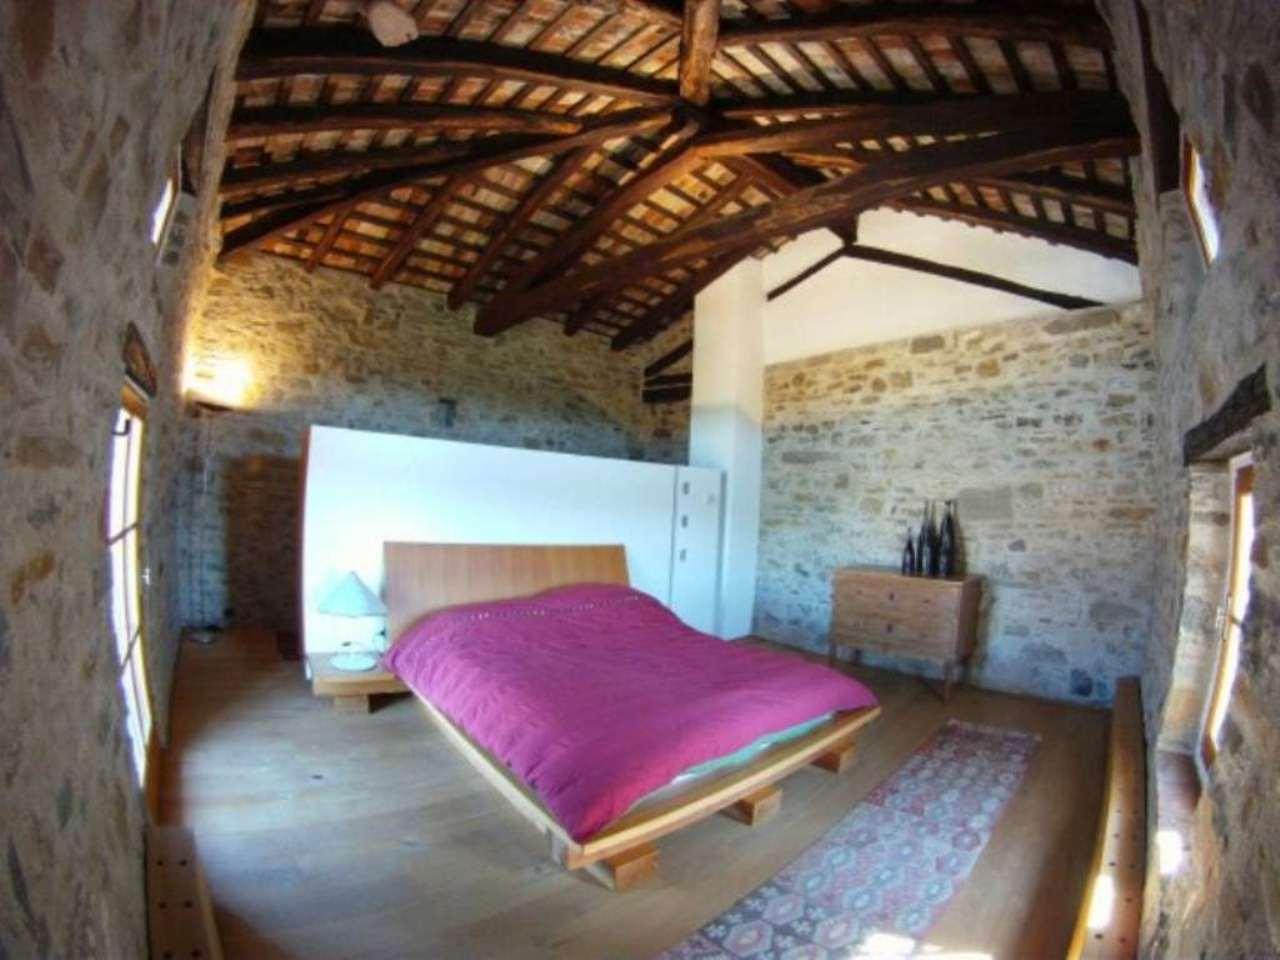 Rustico / Casale in vendita a Dolegna del Collio, 6 locali, prezzo € 700.000 | Cambio Casa.it